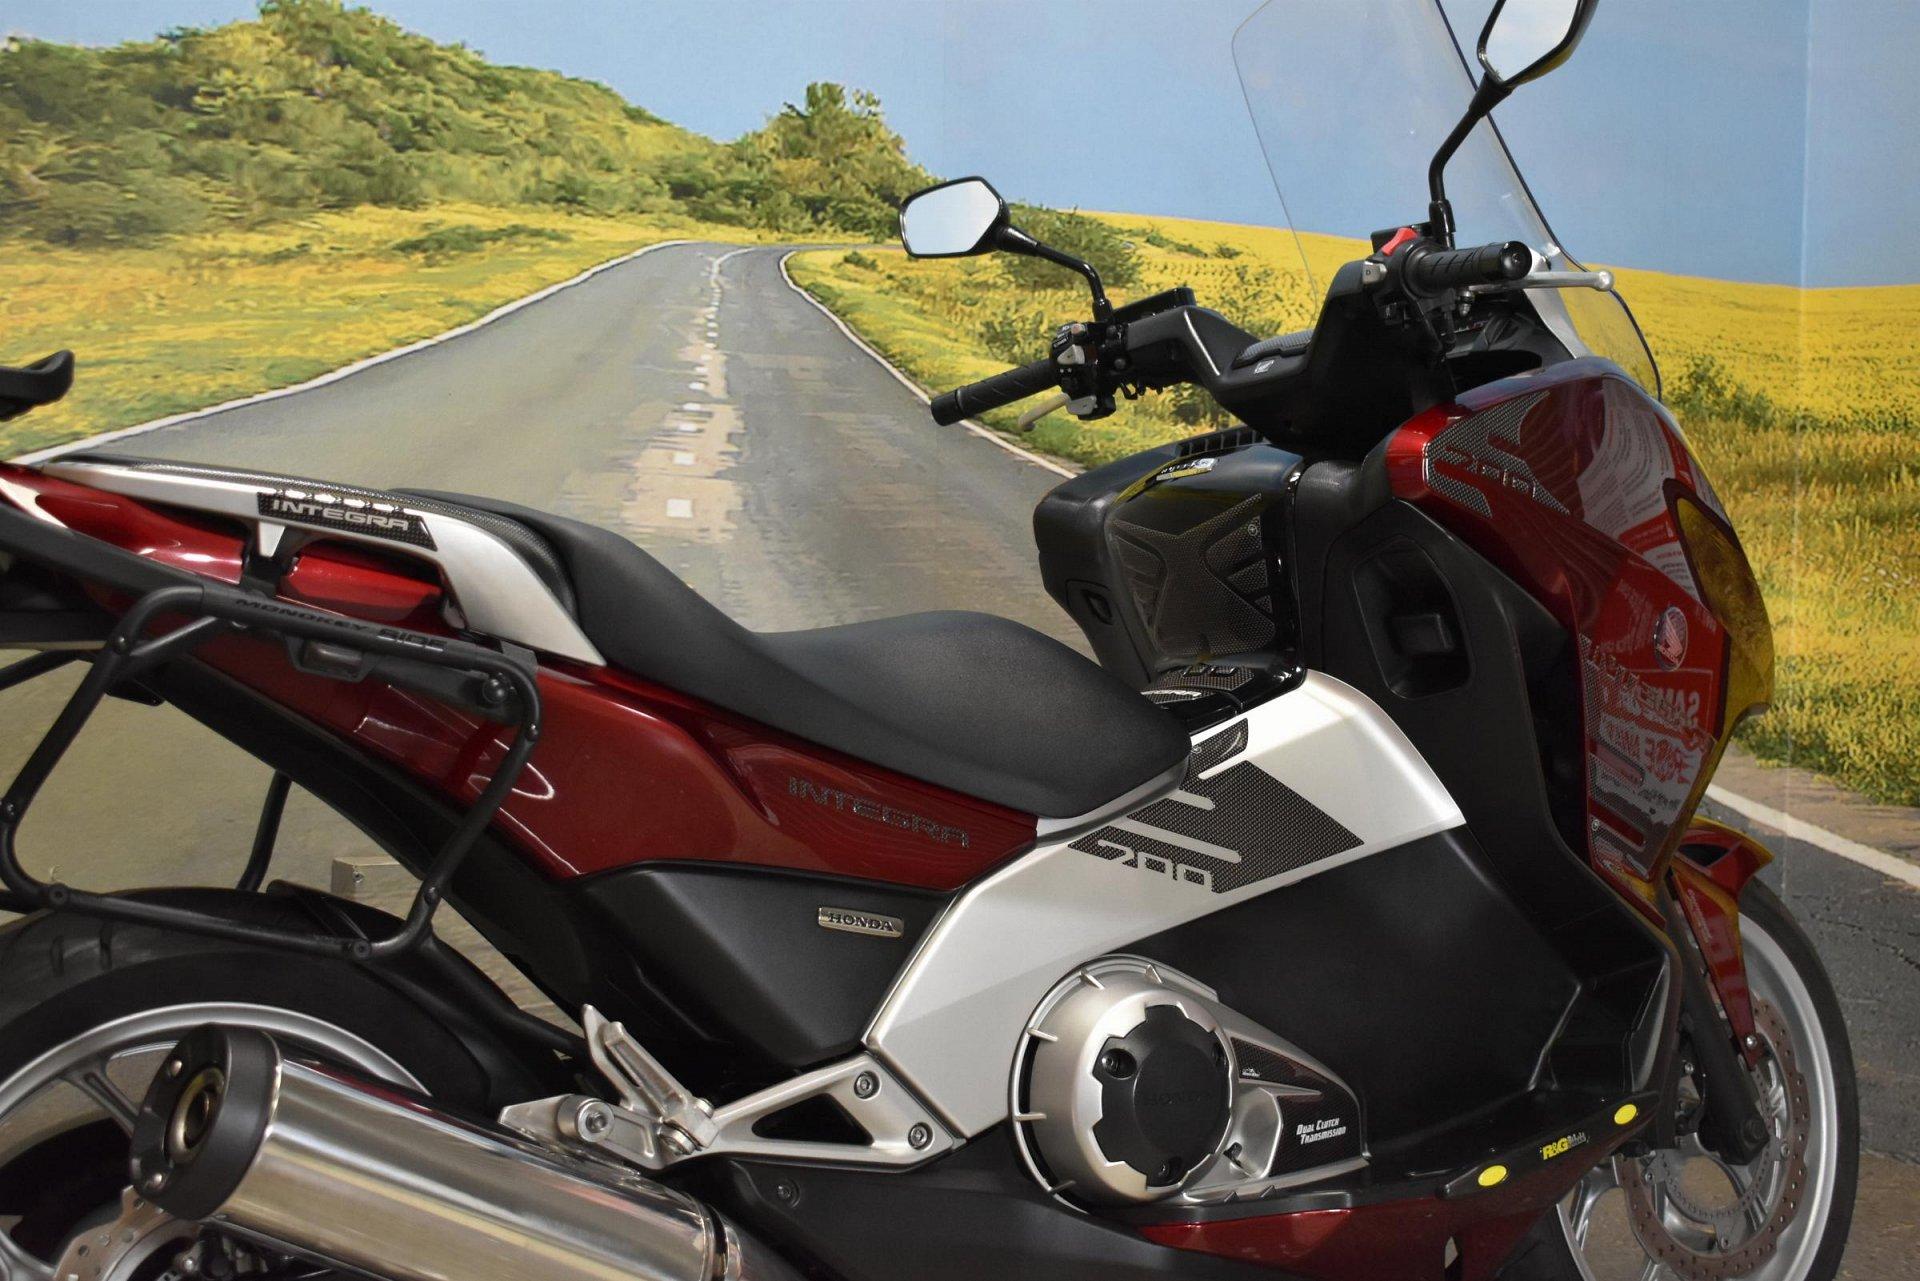 2013 63 HONDA NC700 XA-C (ABS) Motorcycle